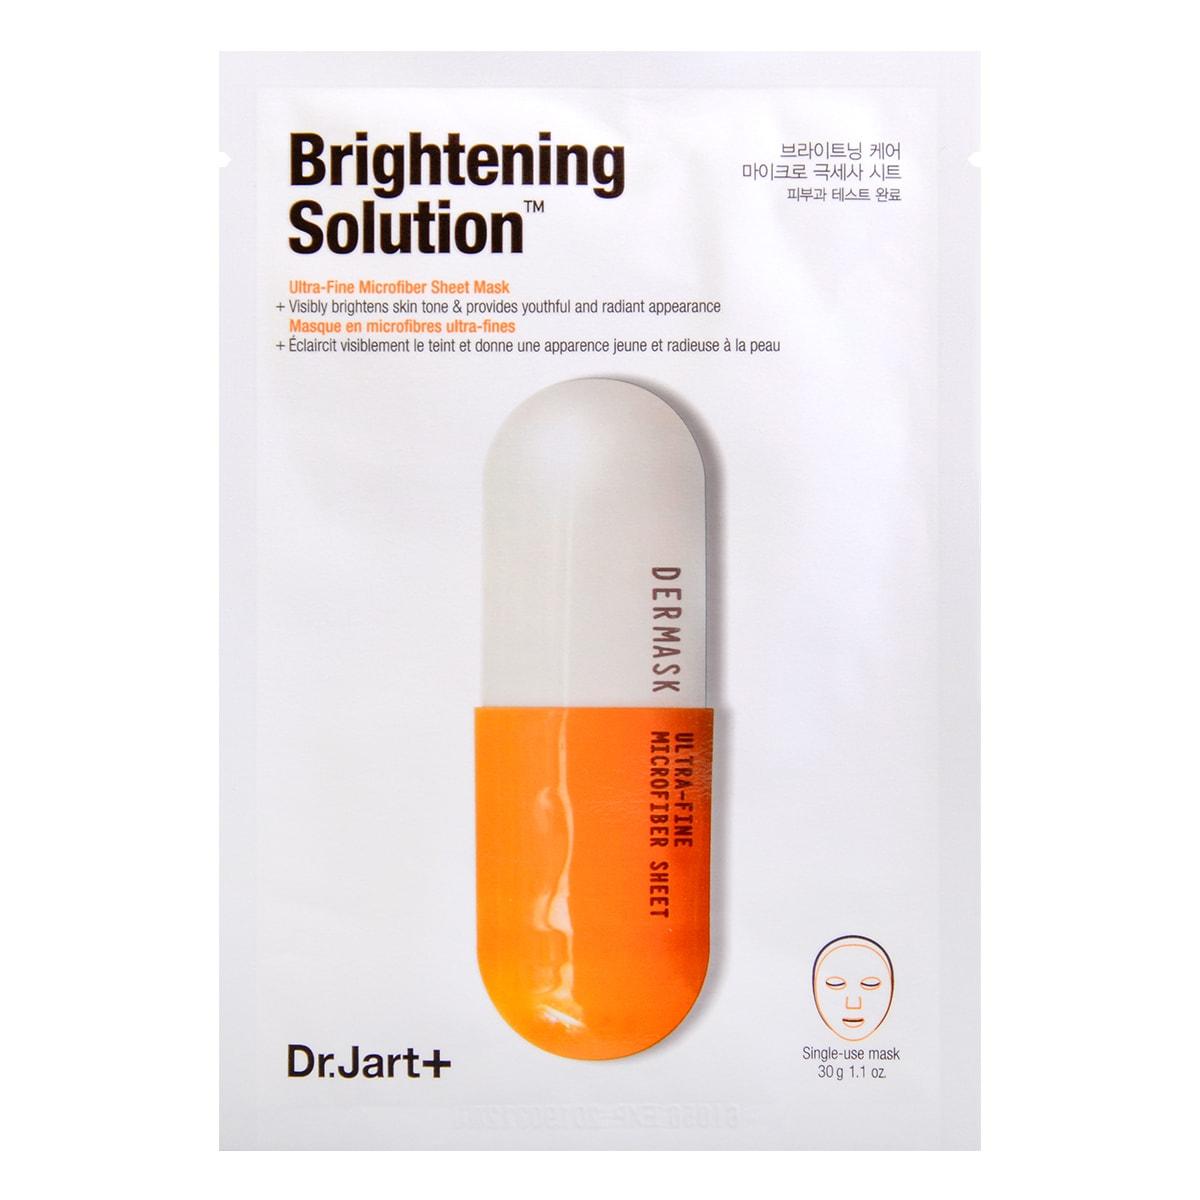 韩国DR.JART+ 蒂佳婷 橘药丸 宛若新生微晶亮白面膜 韩国最新版 单片入